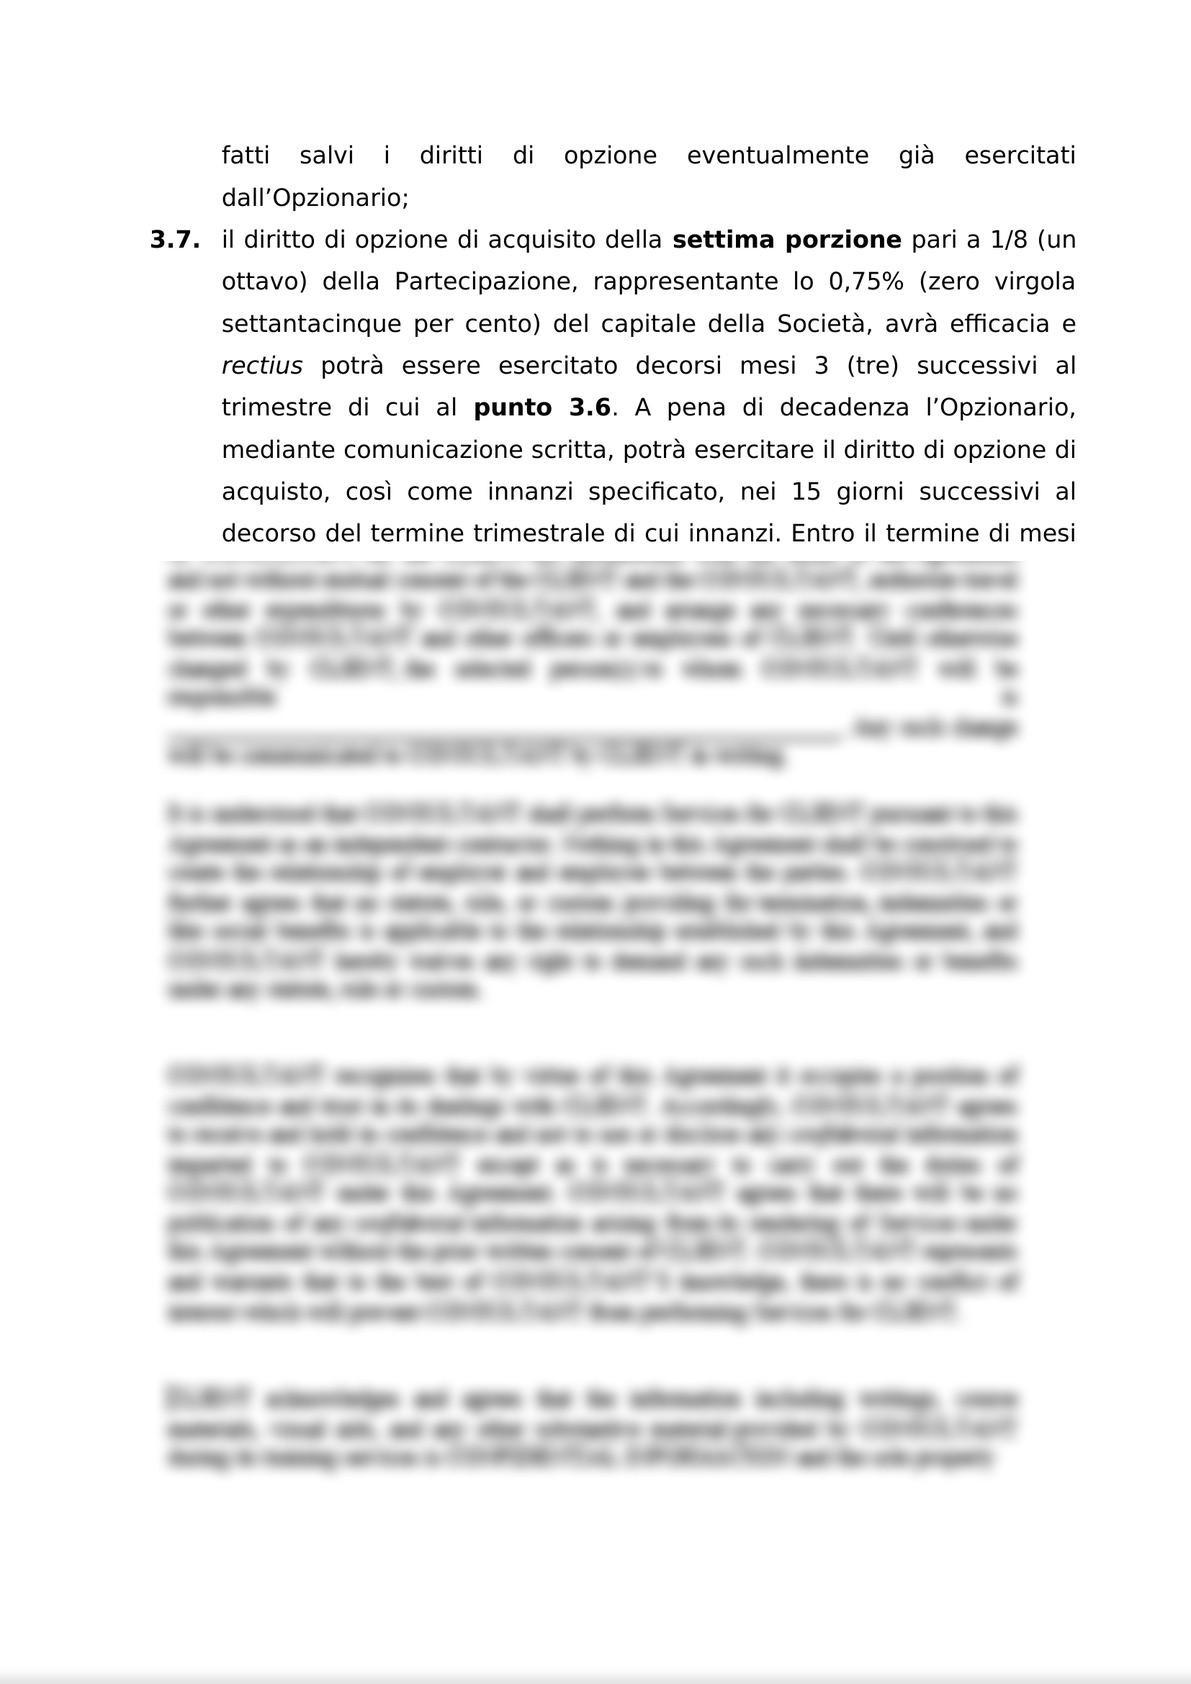 ACCORDO PER L'ATTRIBUZIONE DI DIRITTI DI OPZIONE DI ACQUISTO-5